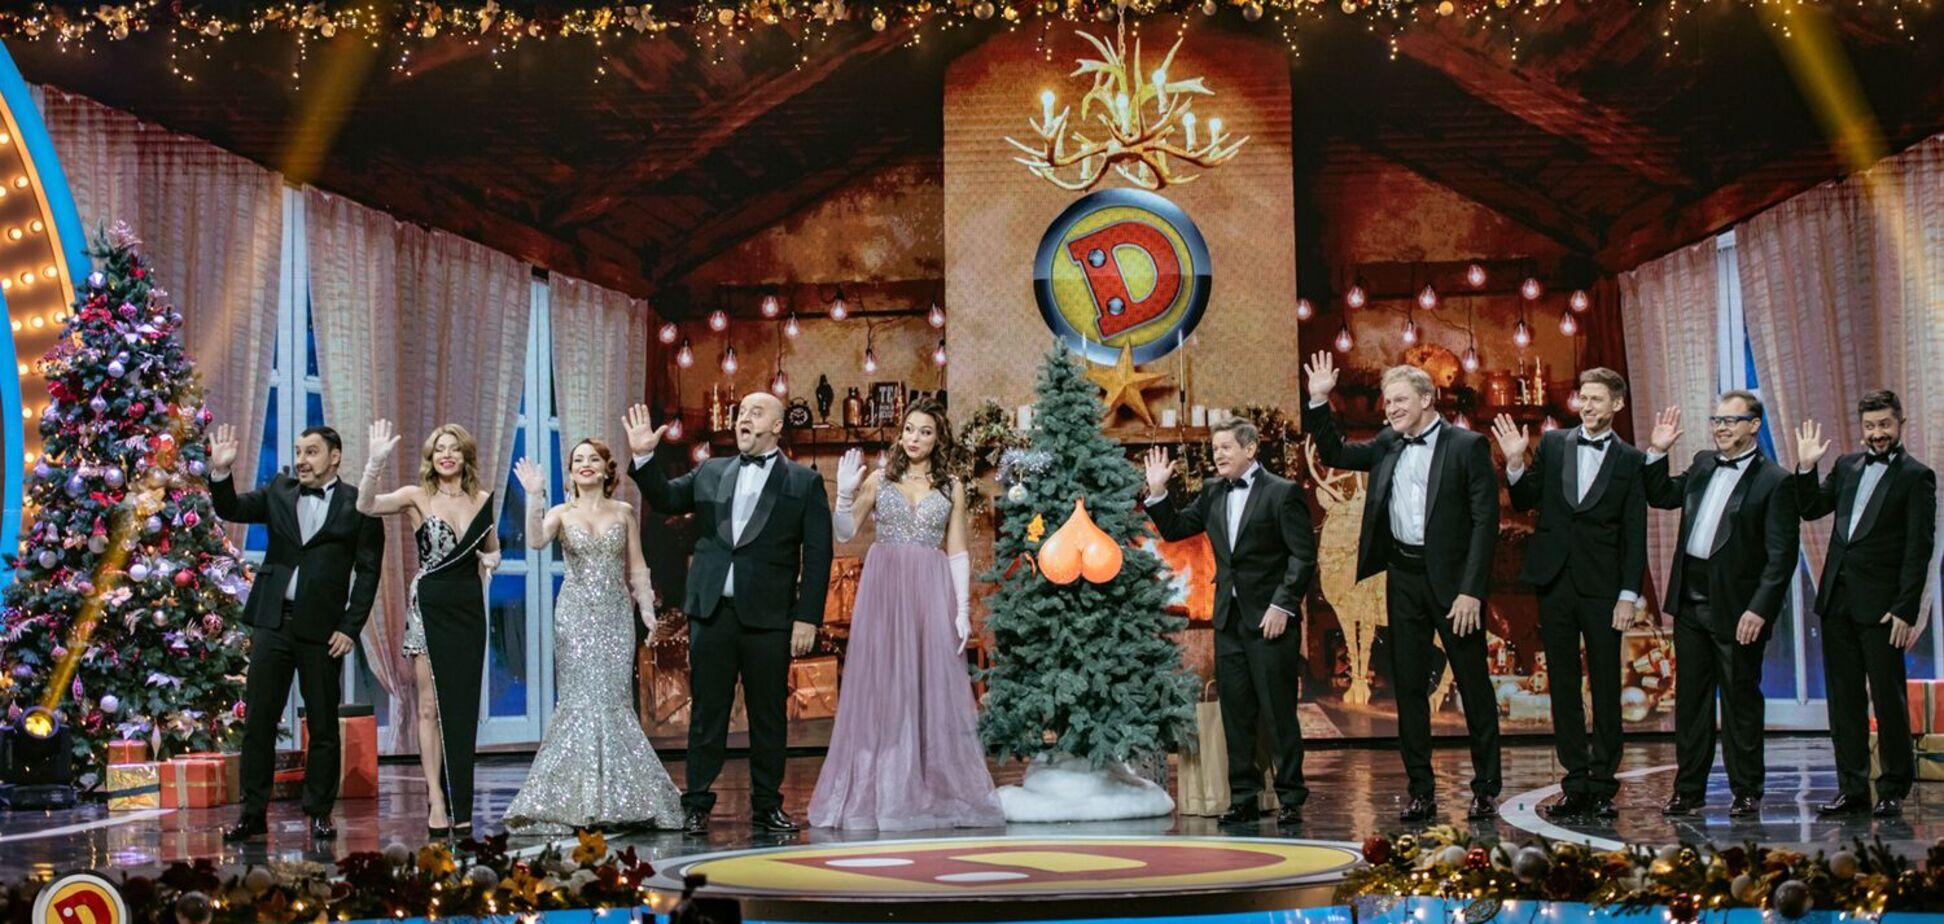 'Дизель шоу' показали закулісся новорічної програми, яка повалила 'Квартал 95'